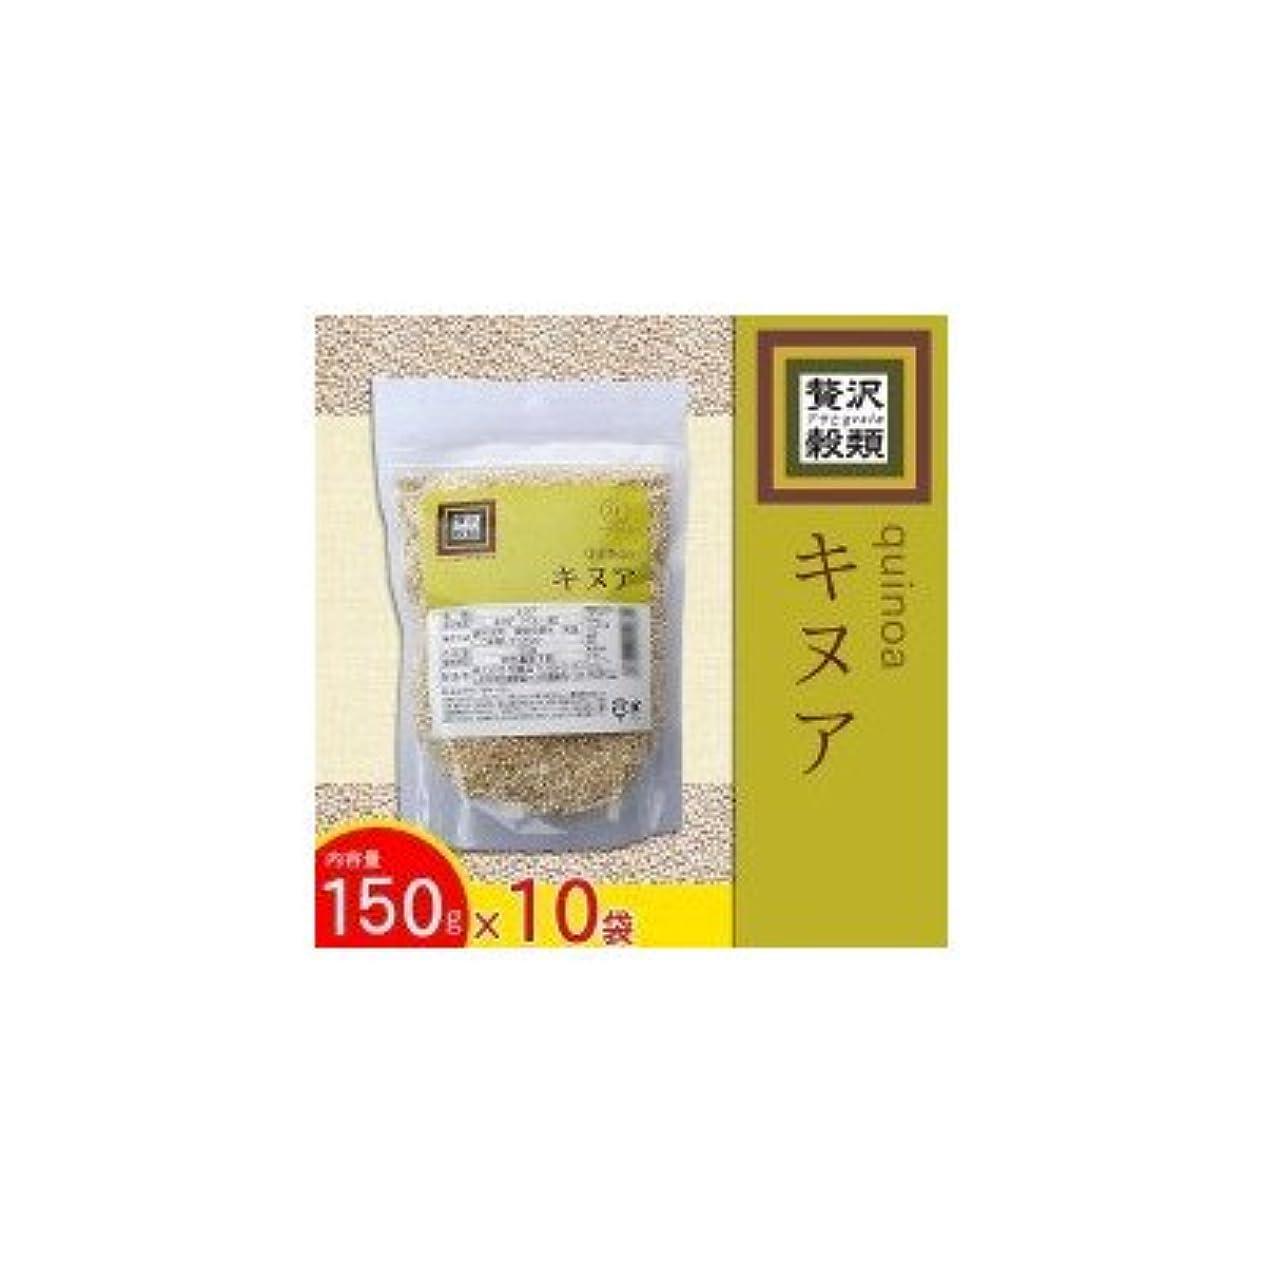 鳥浴室その贅沢穀類 キヌア 150g×10袋